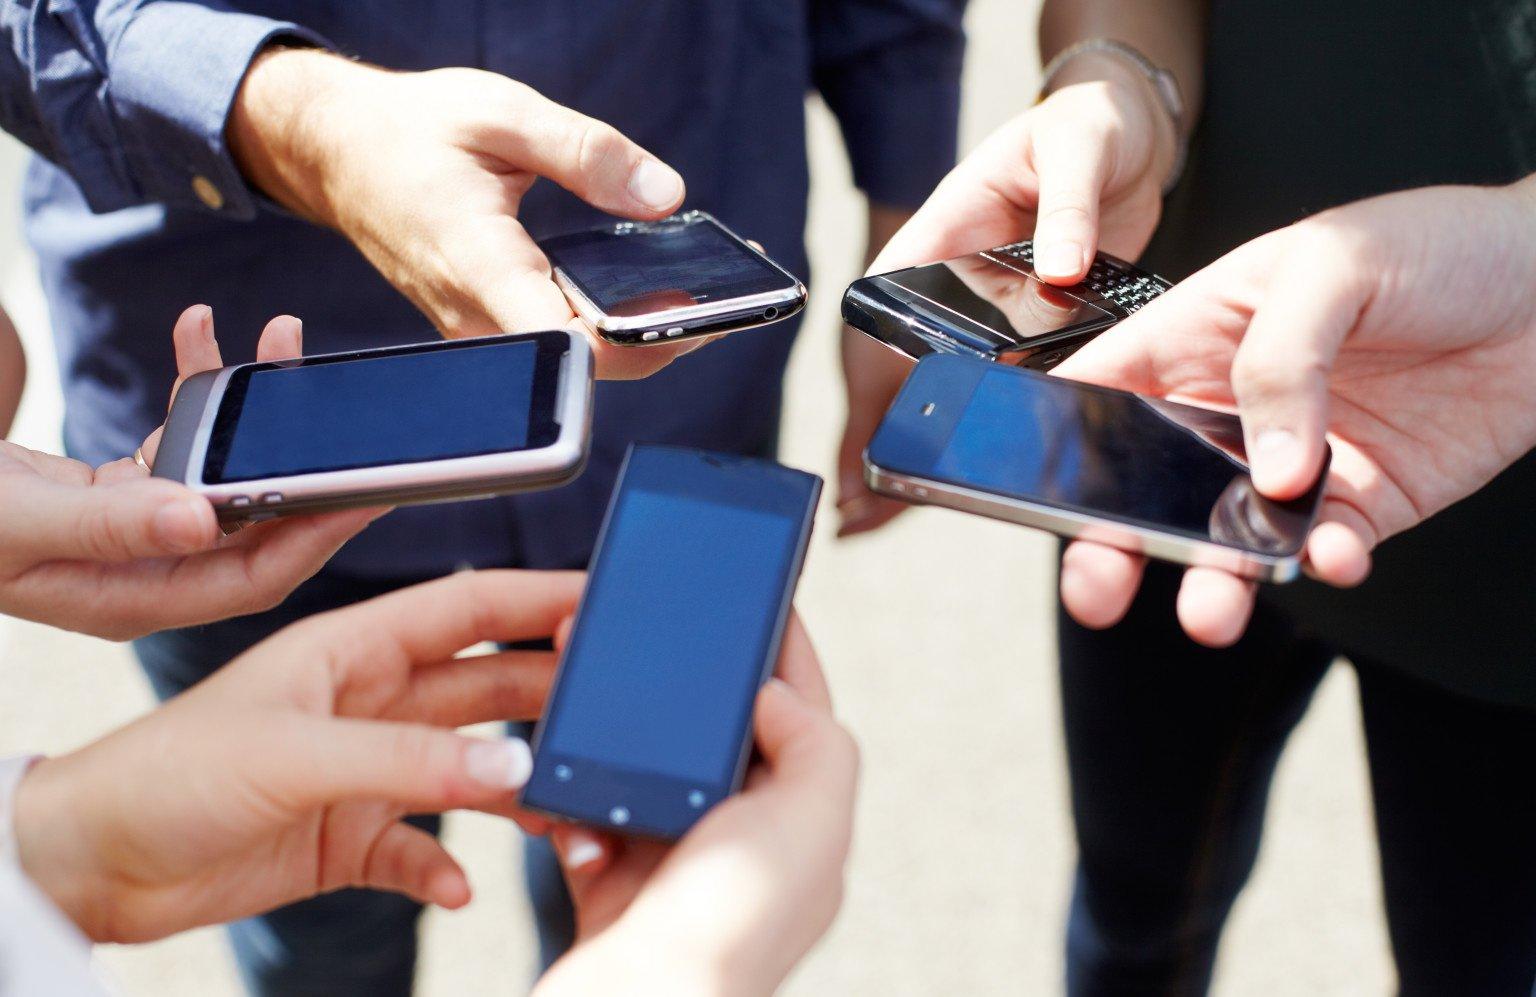 Люди стали чаще пользоваться телефоном вовремя секса ипохорон— Опрос